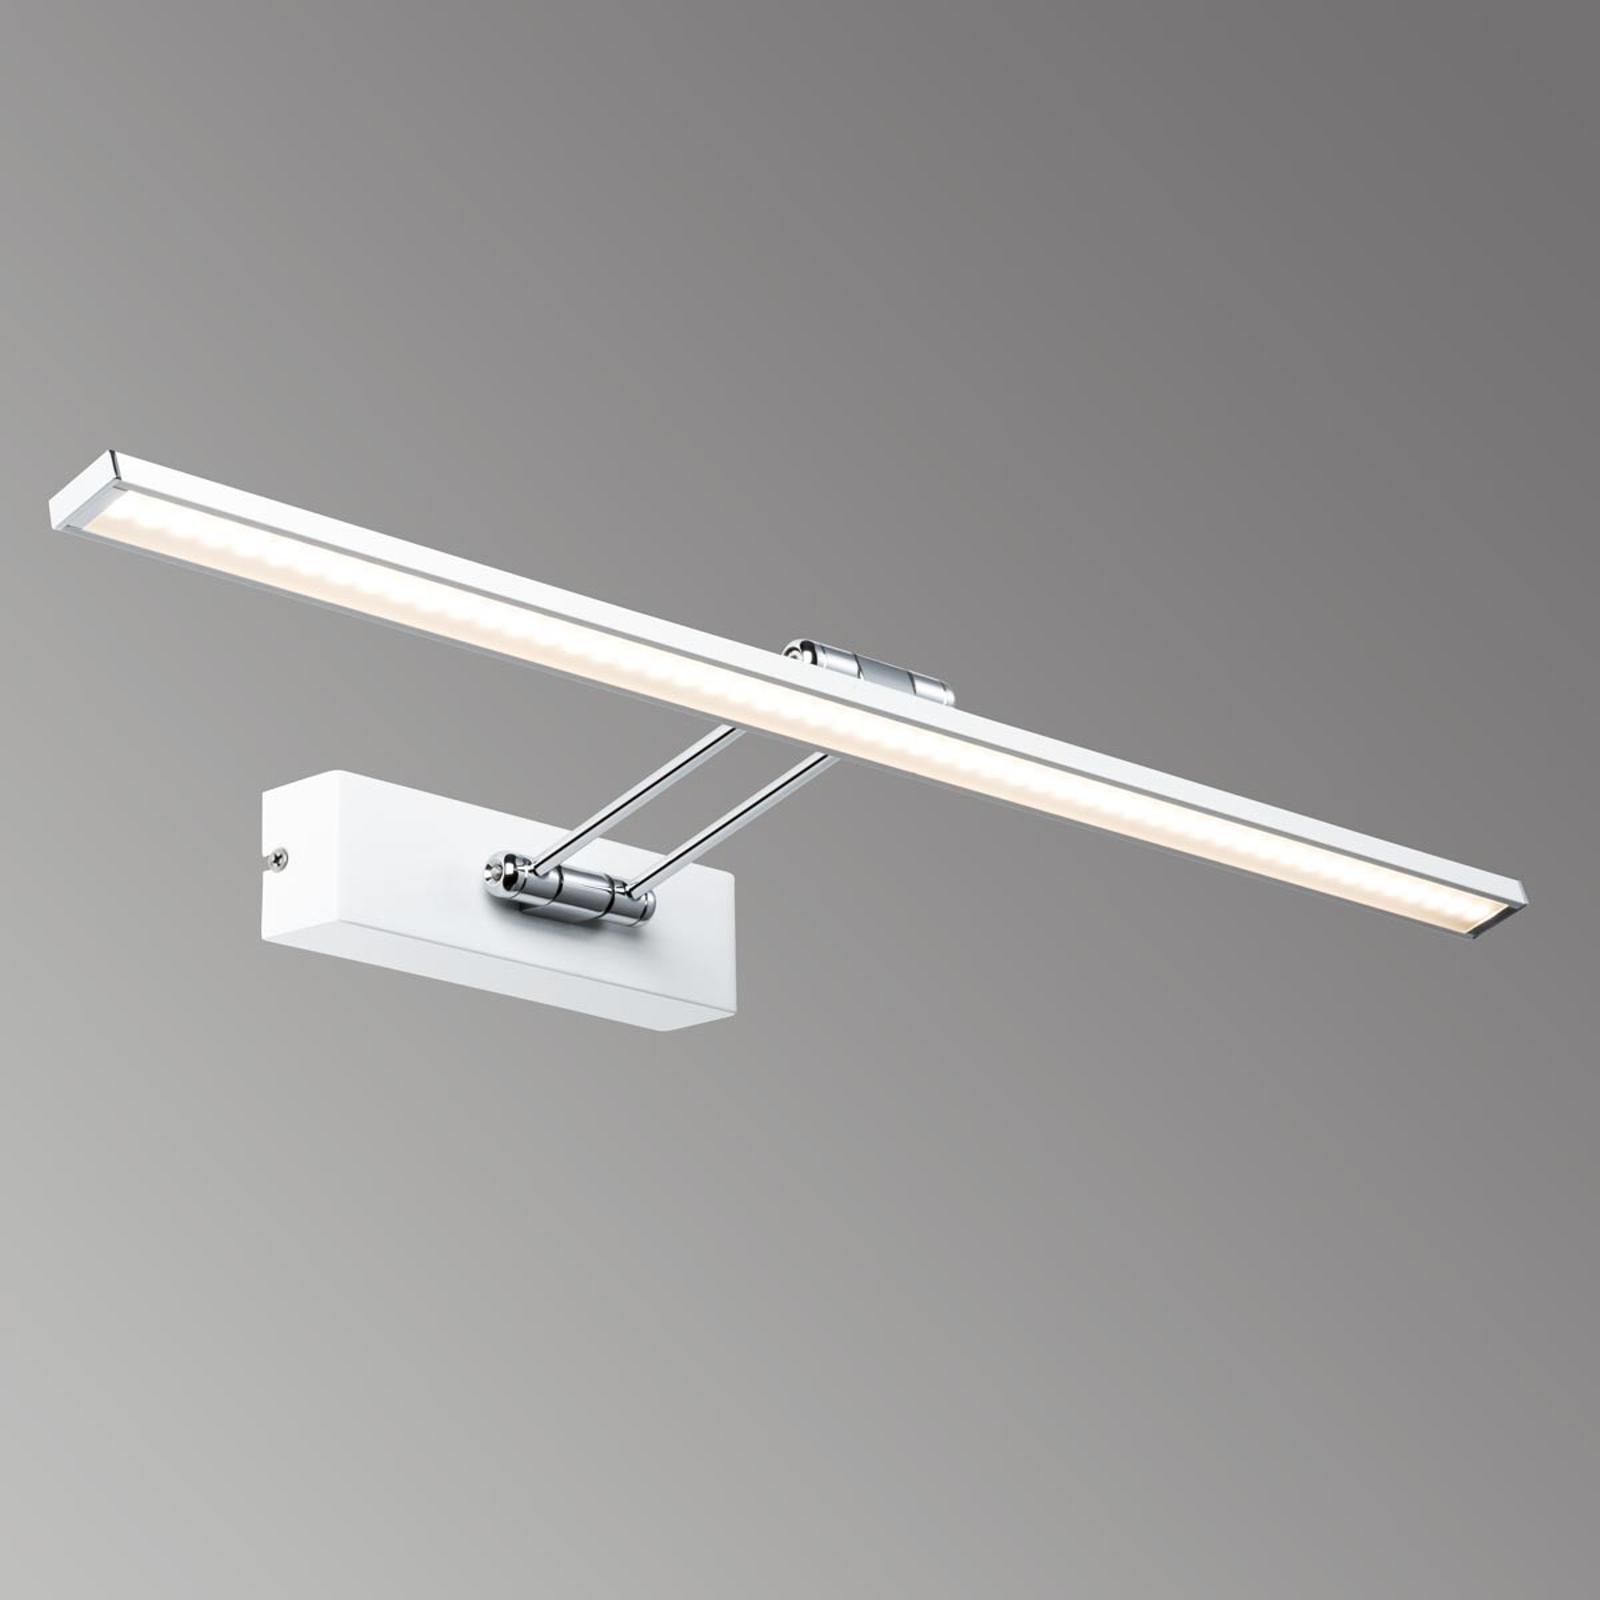 Paulmann Beam Sixty LED-Bilderleuchte in Weiß